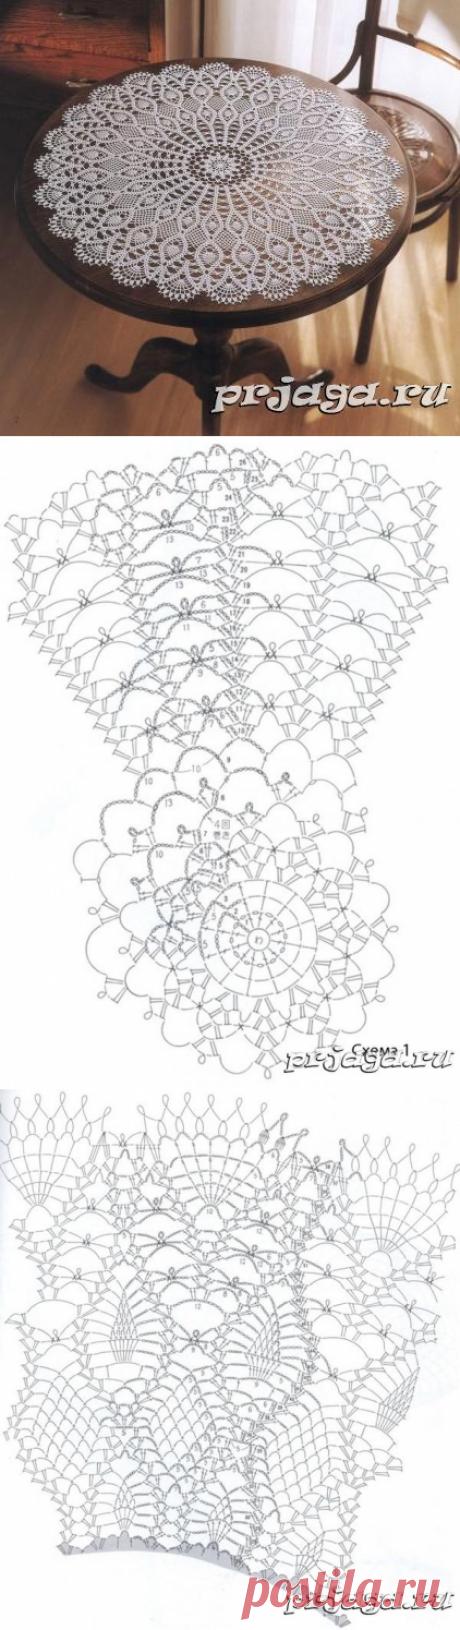 Большая салфетка крючком схема